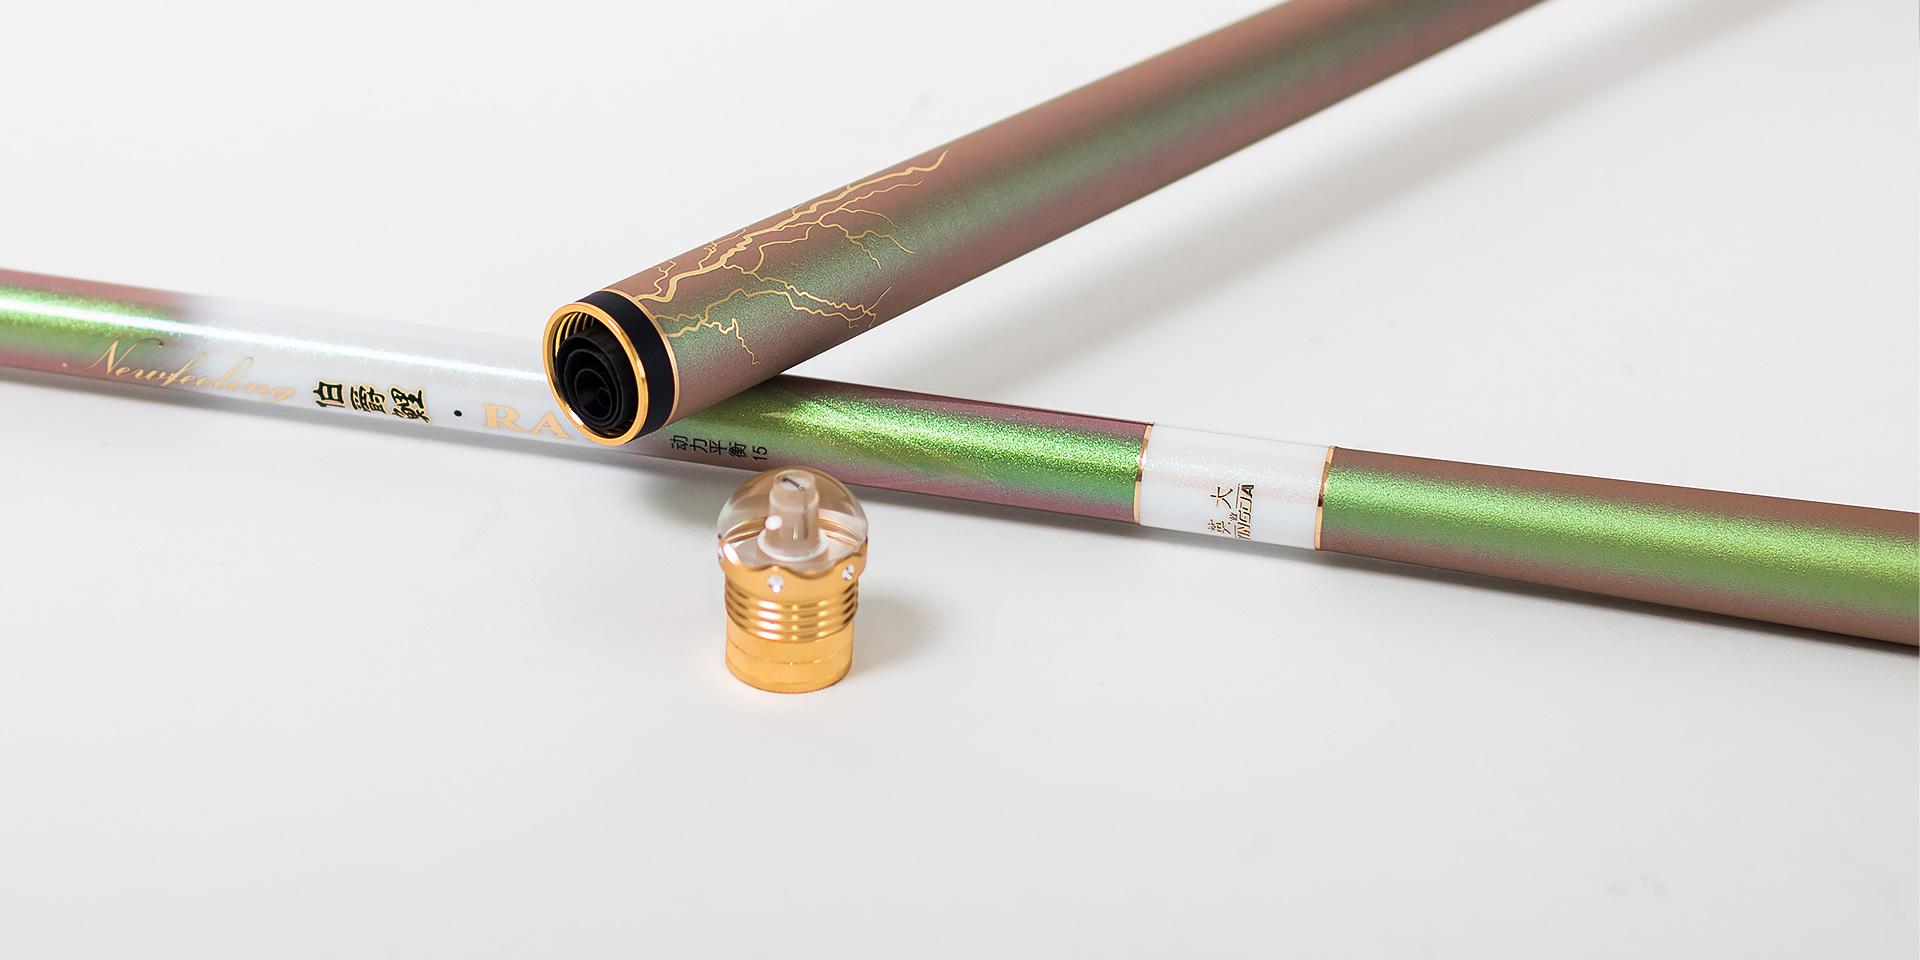 素材均匀切口平整,竿壁特制合金加固螺纹,保障后堵精密嵌合